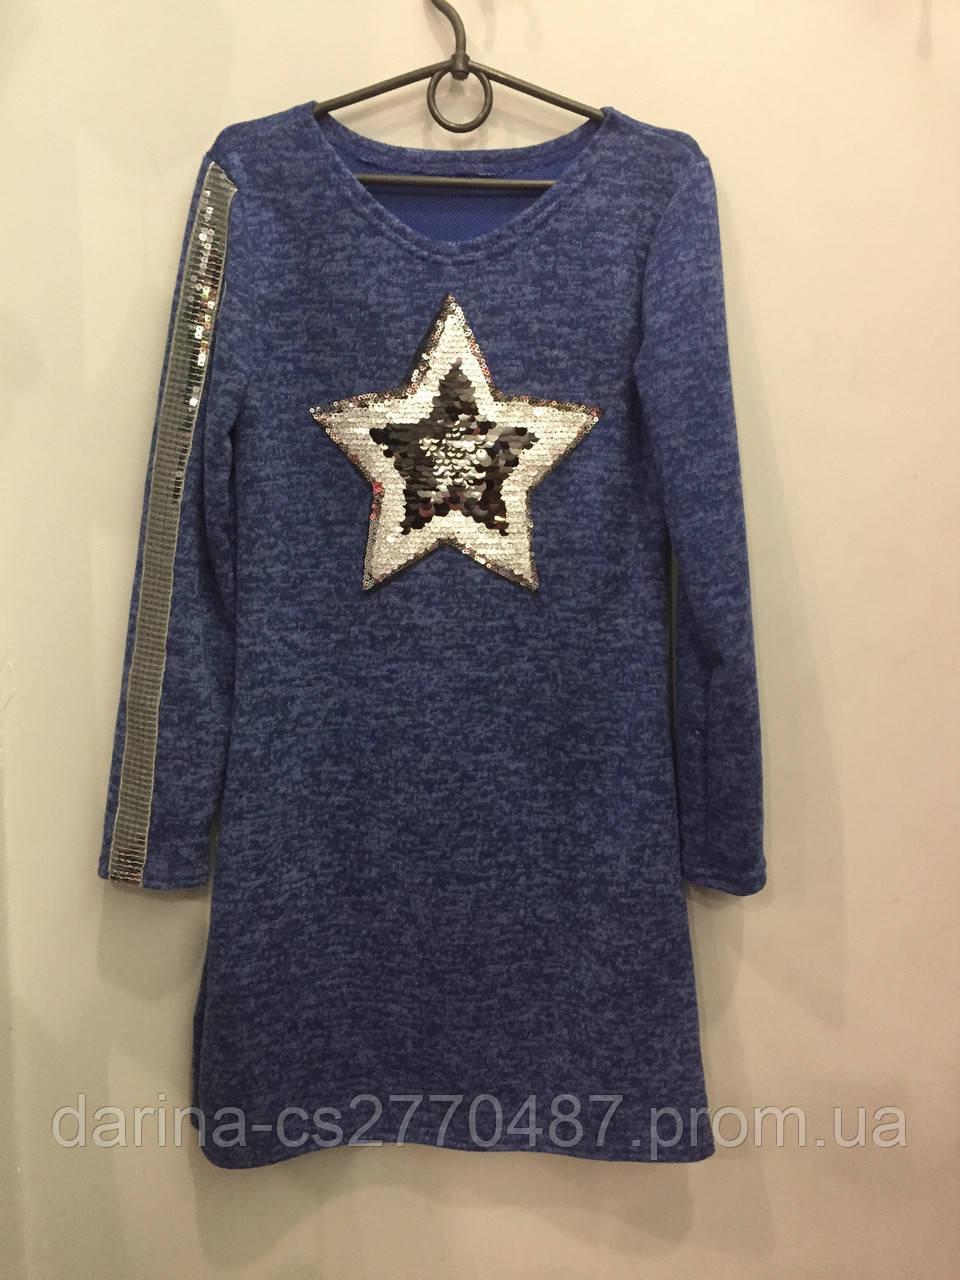 Платье для девочки со звездой 158 см